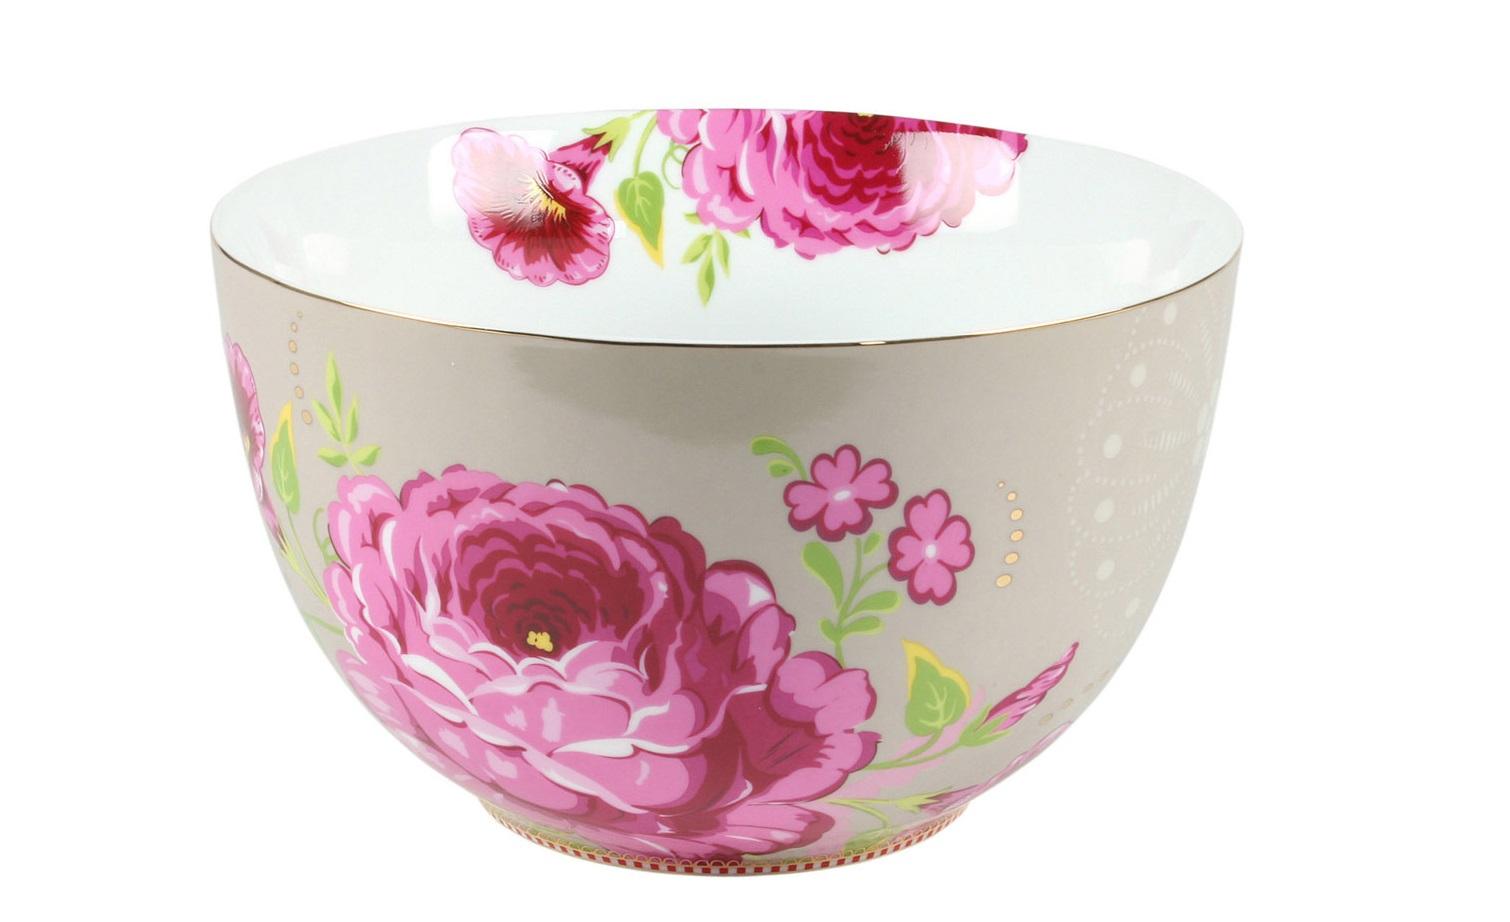 Большая пиала FloralМиски и чаши<br>Коллекция посуды Floral появилась в 2008 г. и состоит из нескольких дизайнов, которые прекрасно сочетаются между собой и отлично дополняют друг друга. Особенность коллекции - в декорировании цветами, птицами и позолотой на всех предметах. Коллекция состоит из трёх цветовых групп - розовой, хаки и голубой, которые можно бесконечно комбинировать между собой. Коллекция также включает в себя кухонный текстиль и стекло.&amp;lt;div&amp;gt;&amp;lt;br&amp;gt;&amp;lt;/div&amp;gt;&amp;lt;div&amp;gt;&amp;lt;span style=&amp;quot;font-size: 14px;&amp;quot;&amp;gt;Не использовать в микроволновой печи. Не рекомендуется мыть в посудомоечной машине.&amp;amp;nbsp;&amp;lt;/span&amp;gt;&amp;lt;br&amp;gt;&amp;lt;/div&amp;gt;<br><br>Material: Фарфор